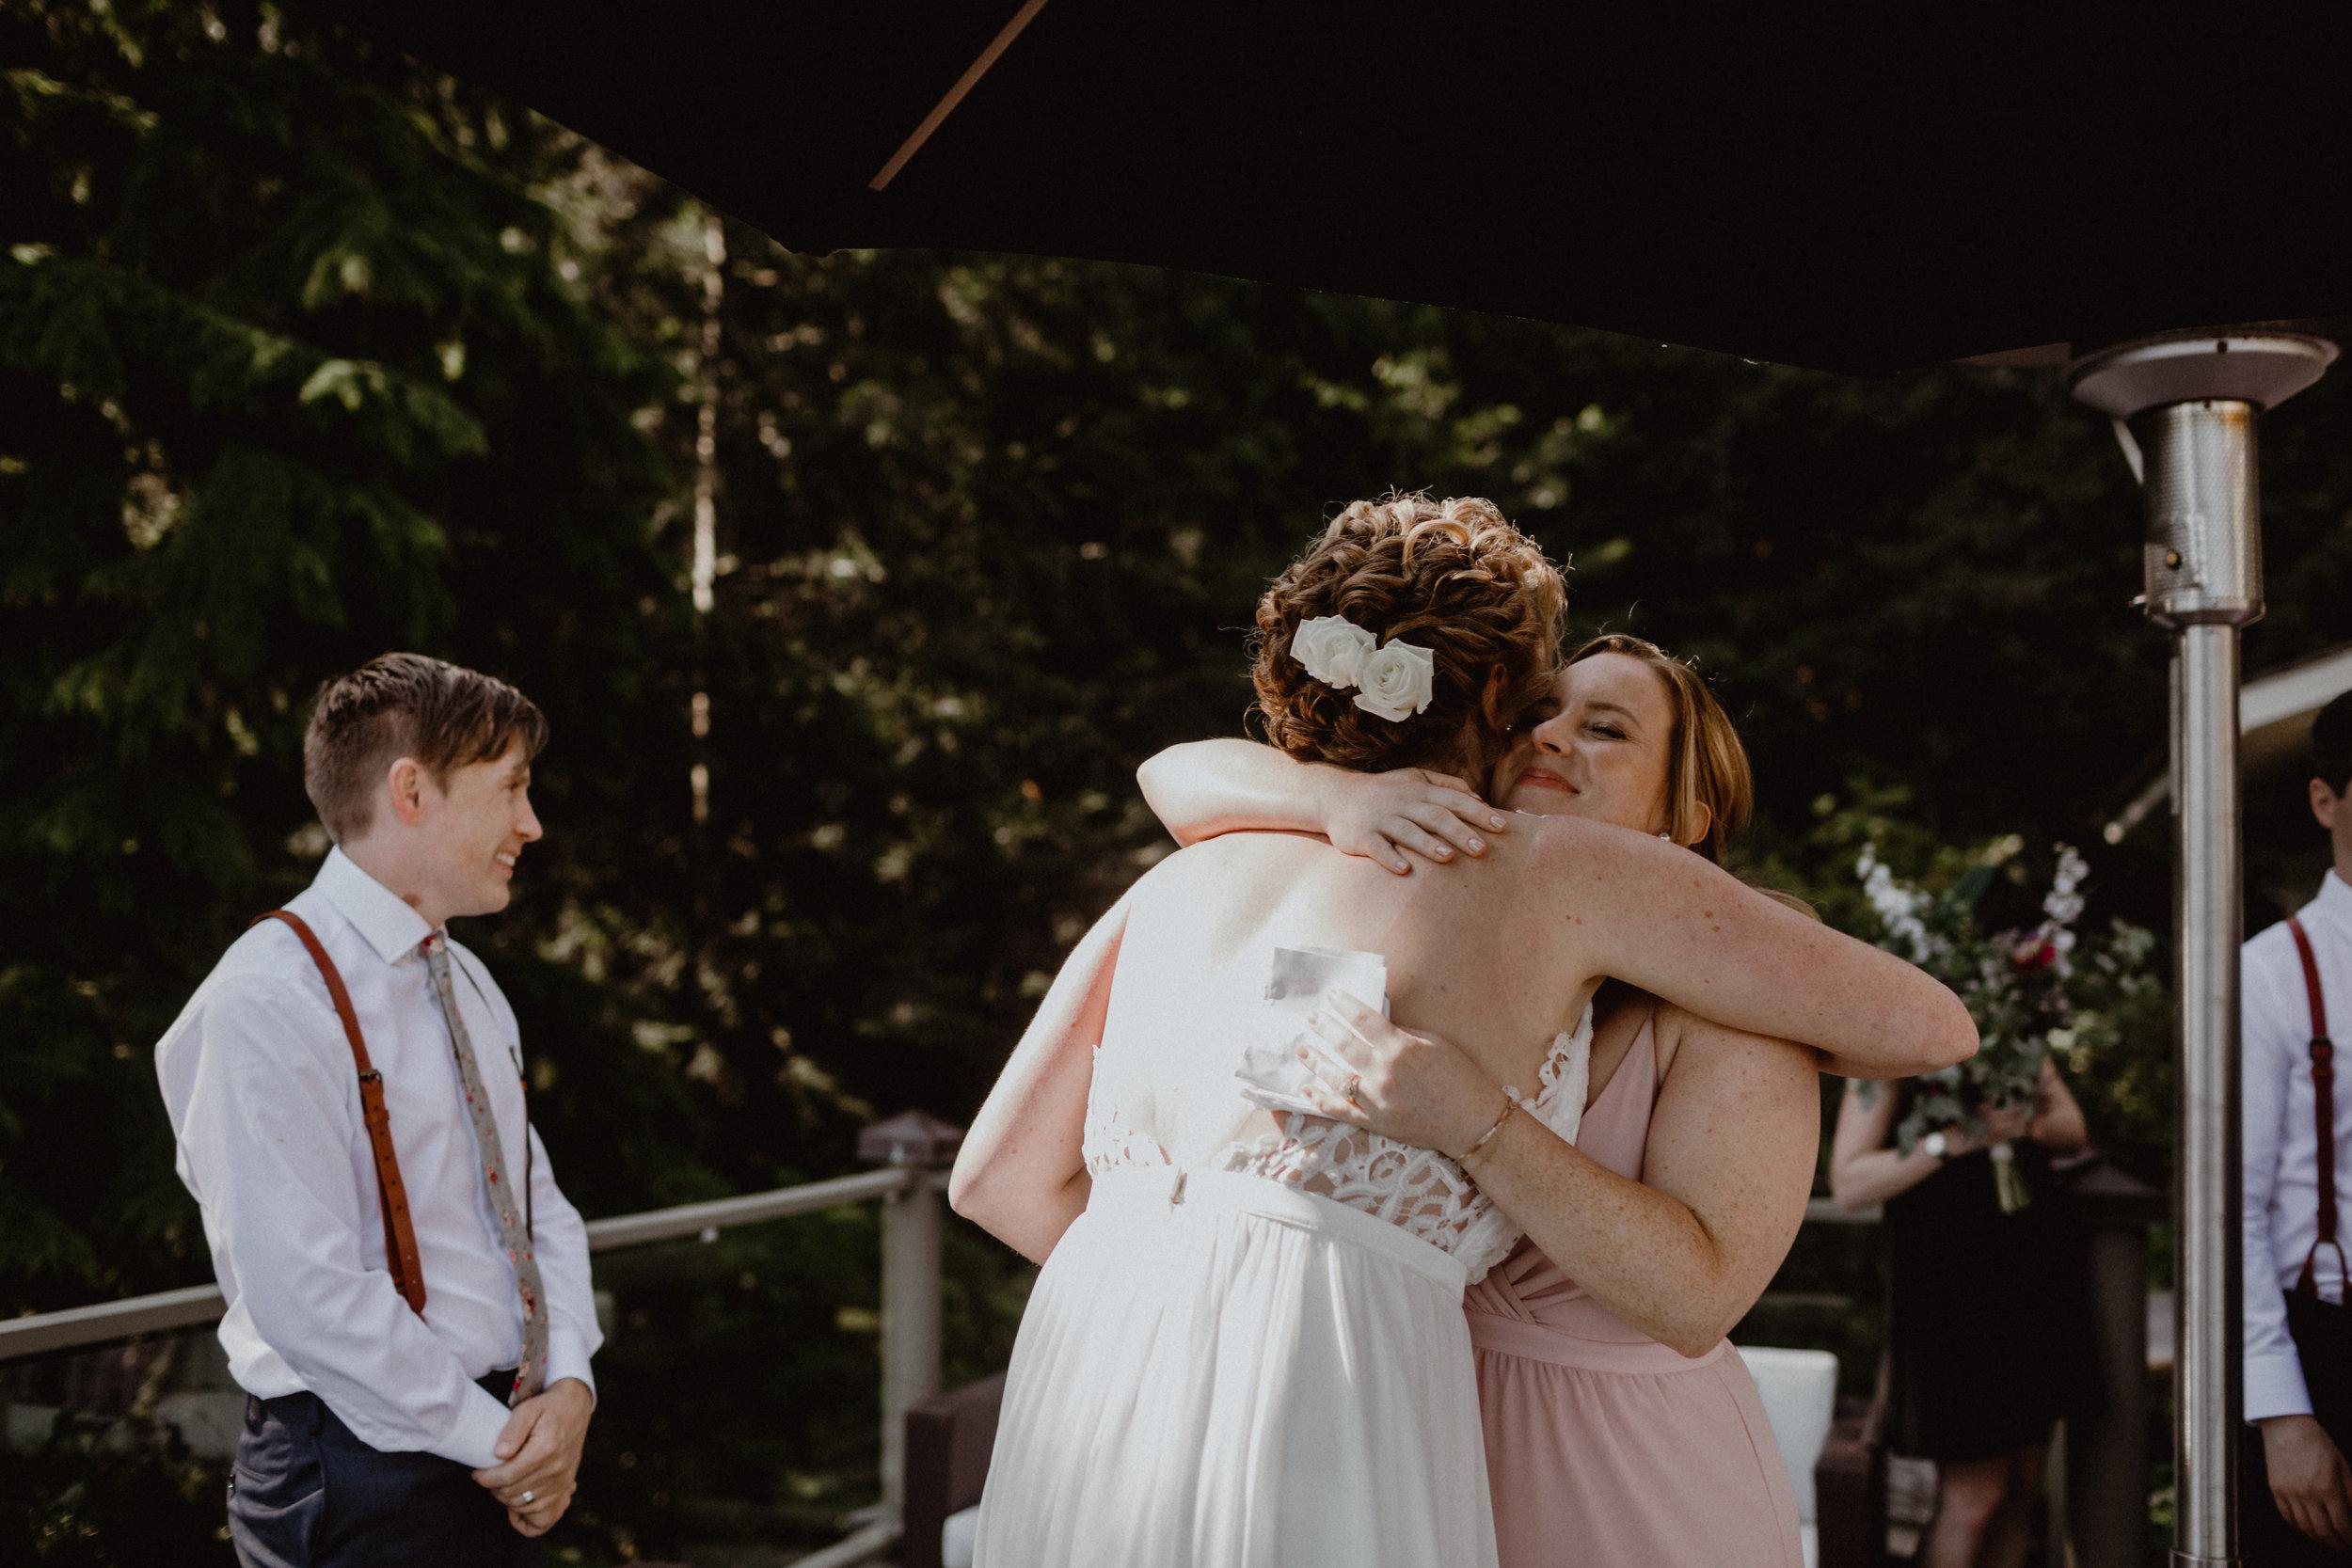 west-vancouver-backyard-wedding-133.jpg